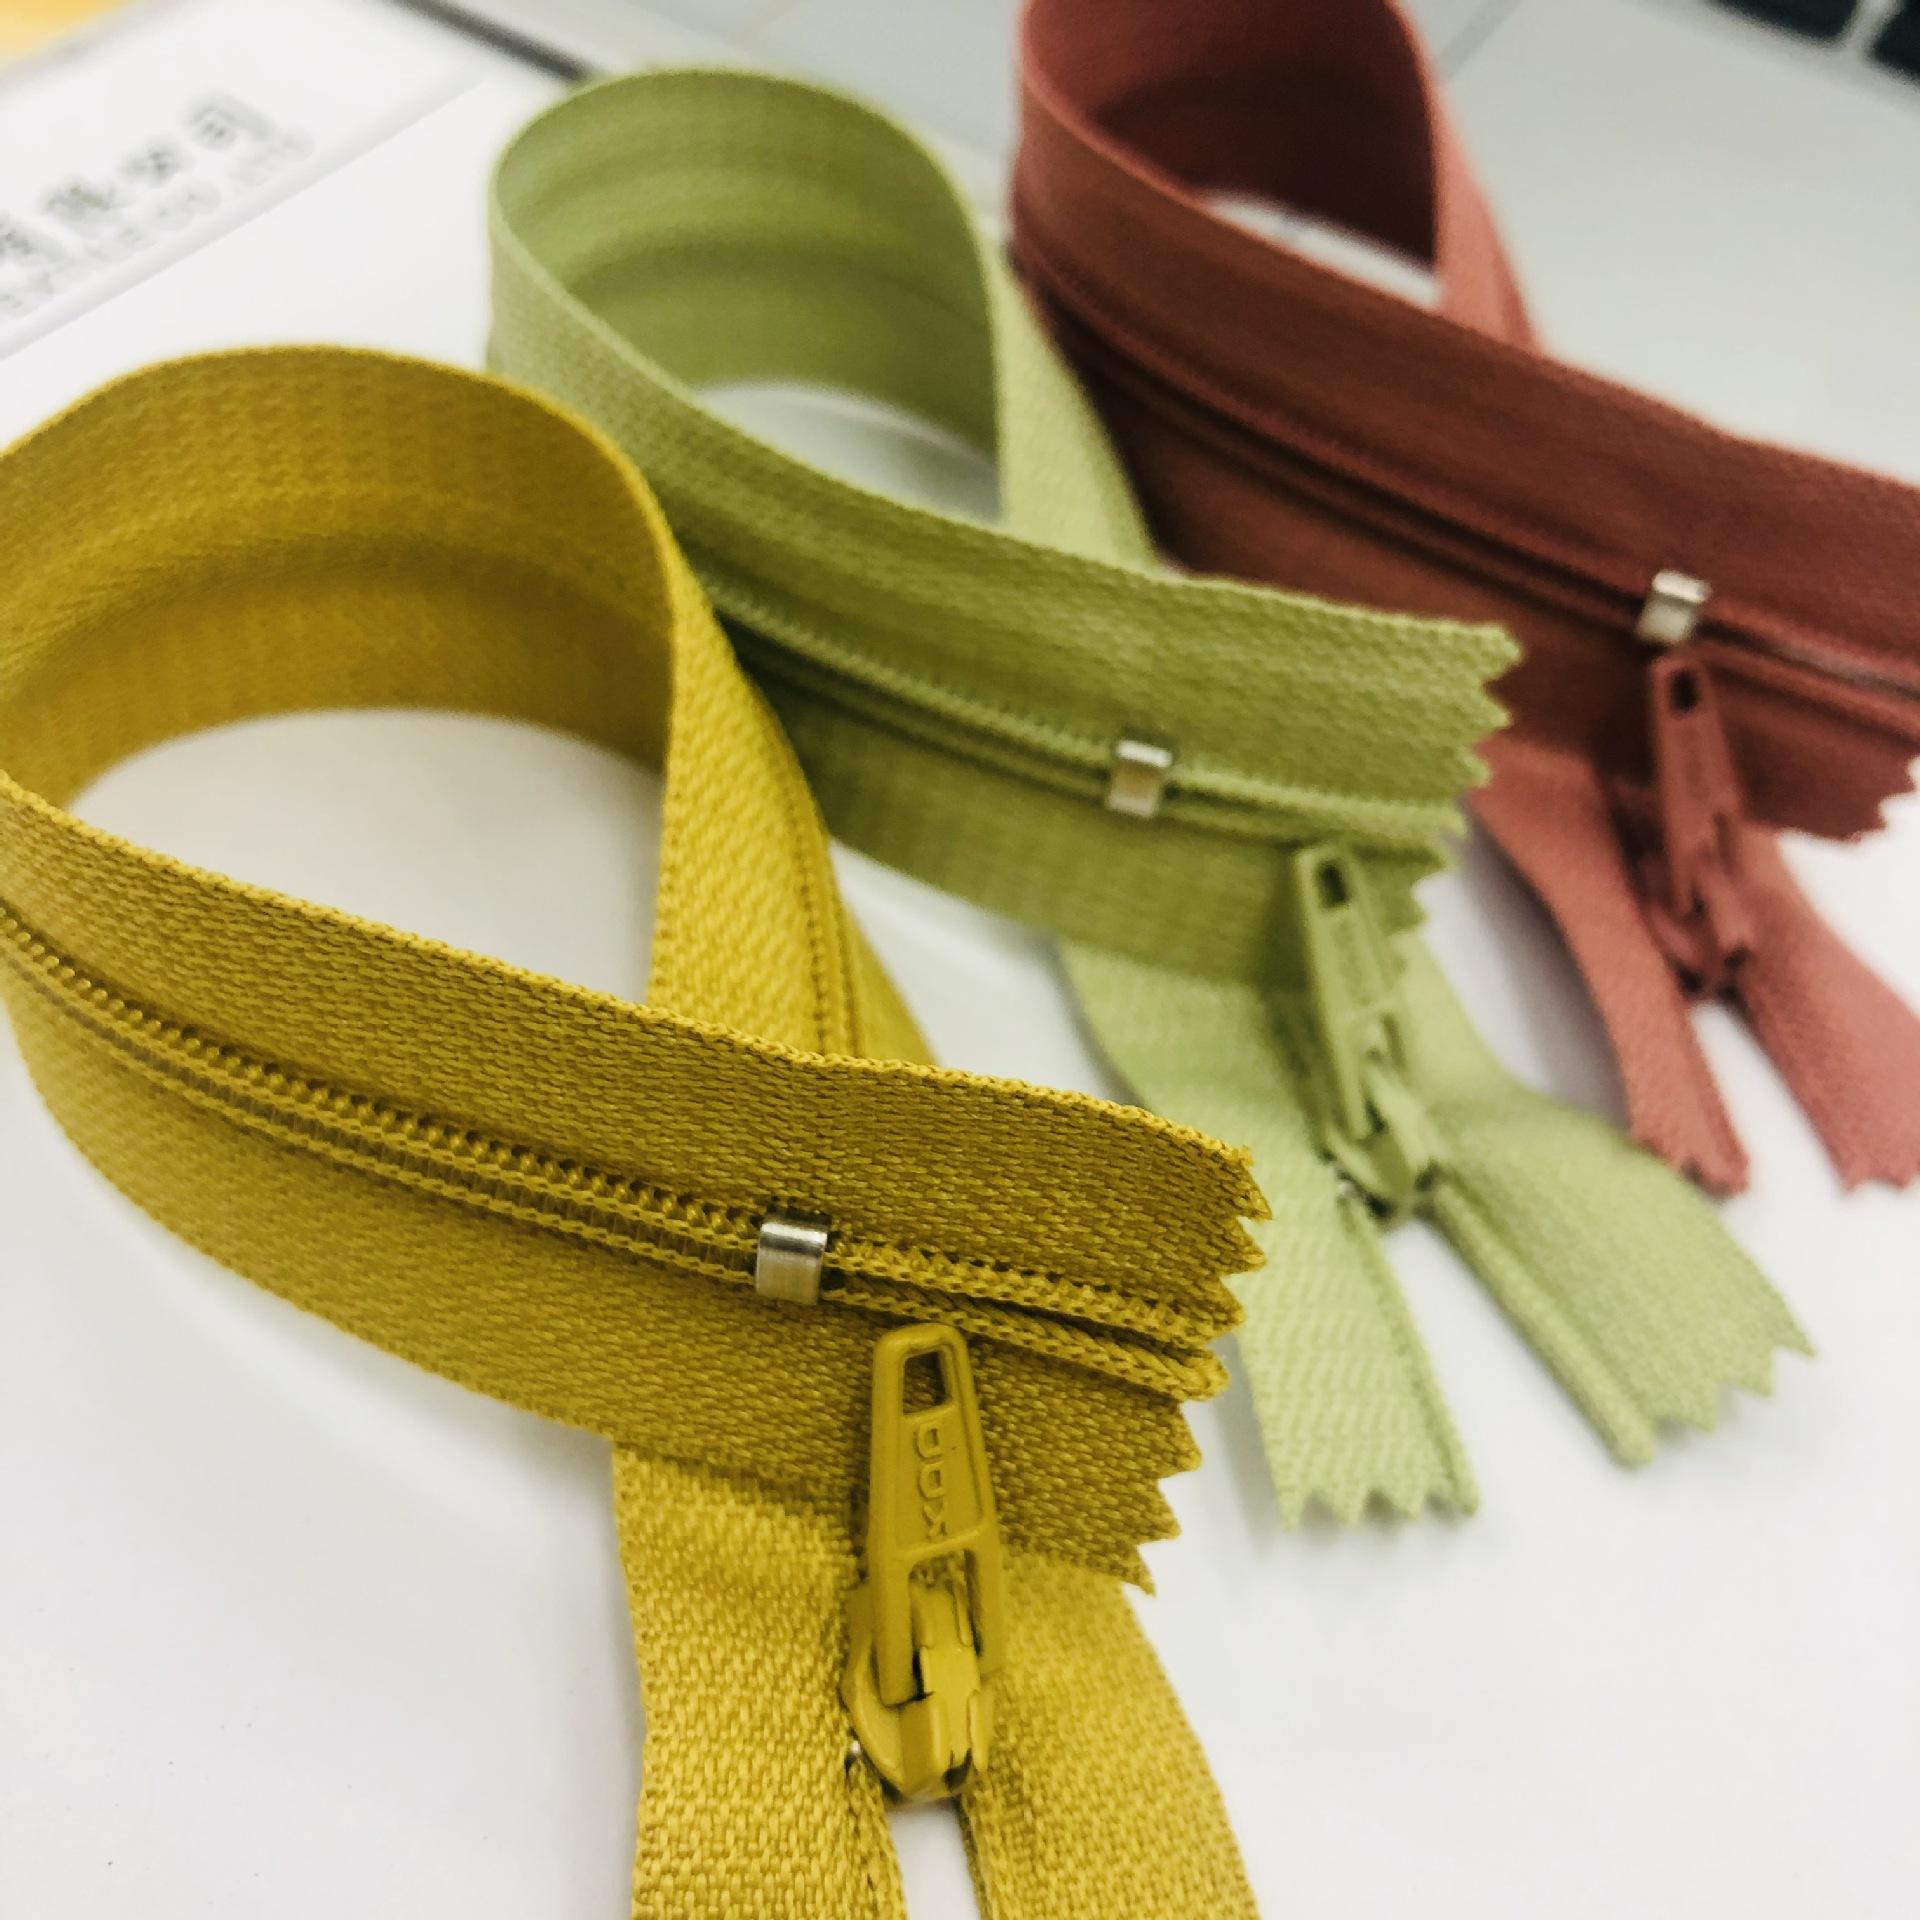 KDD Dây kéo Nylon Nhà sản xuất chứng khoán màu thứ 3 nylon truy cập dây kéo 18CM nylon đóng đuôi dây